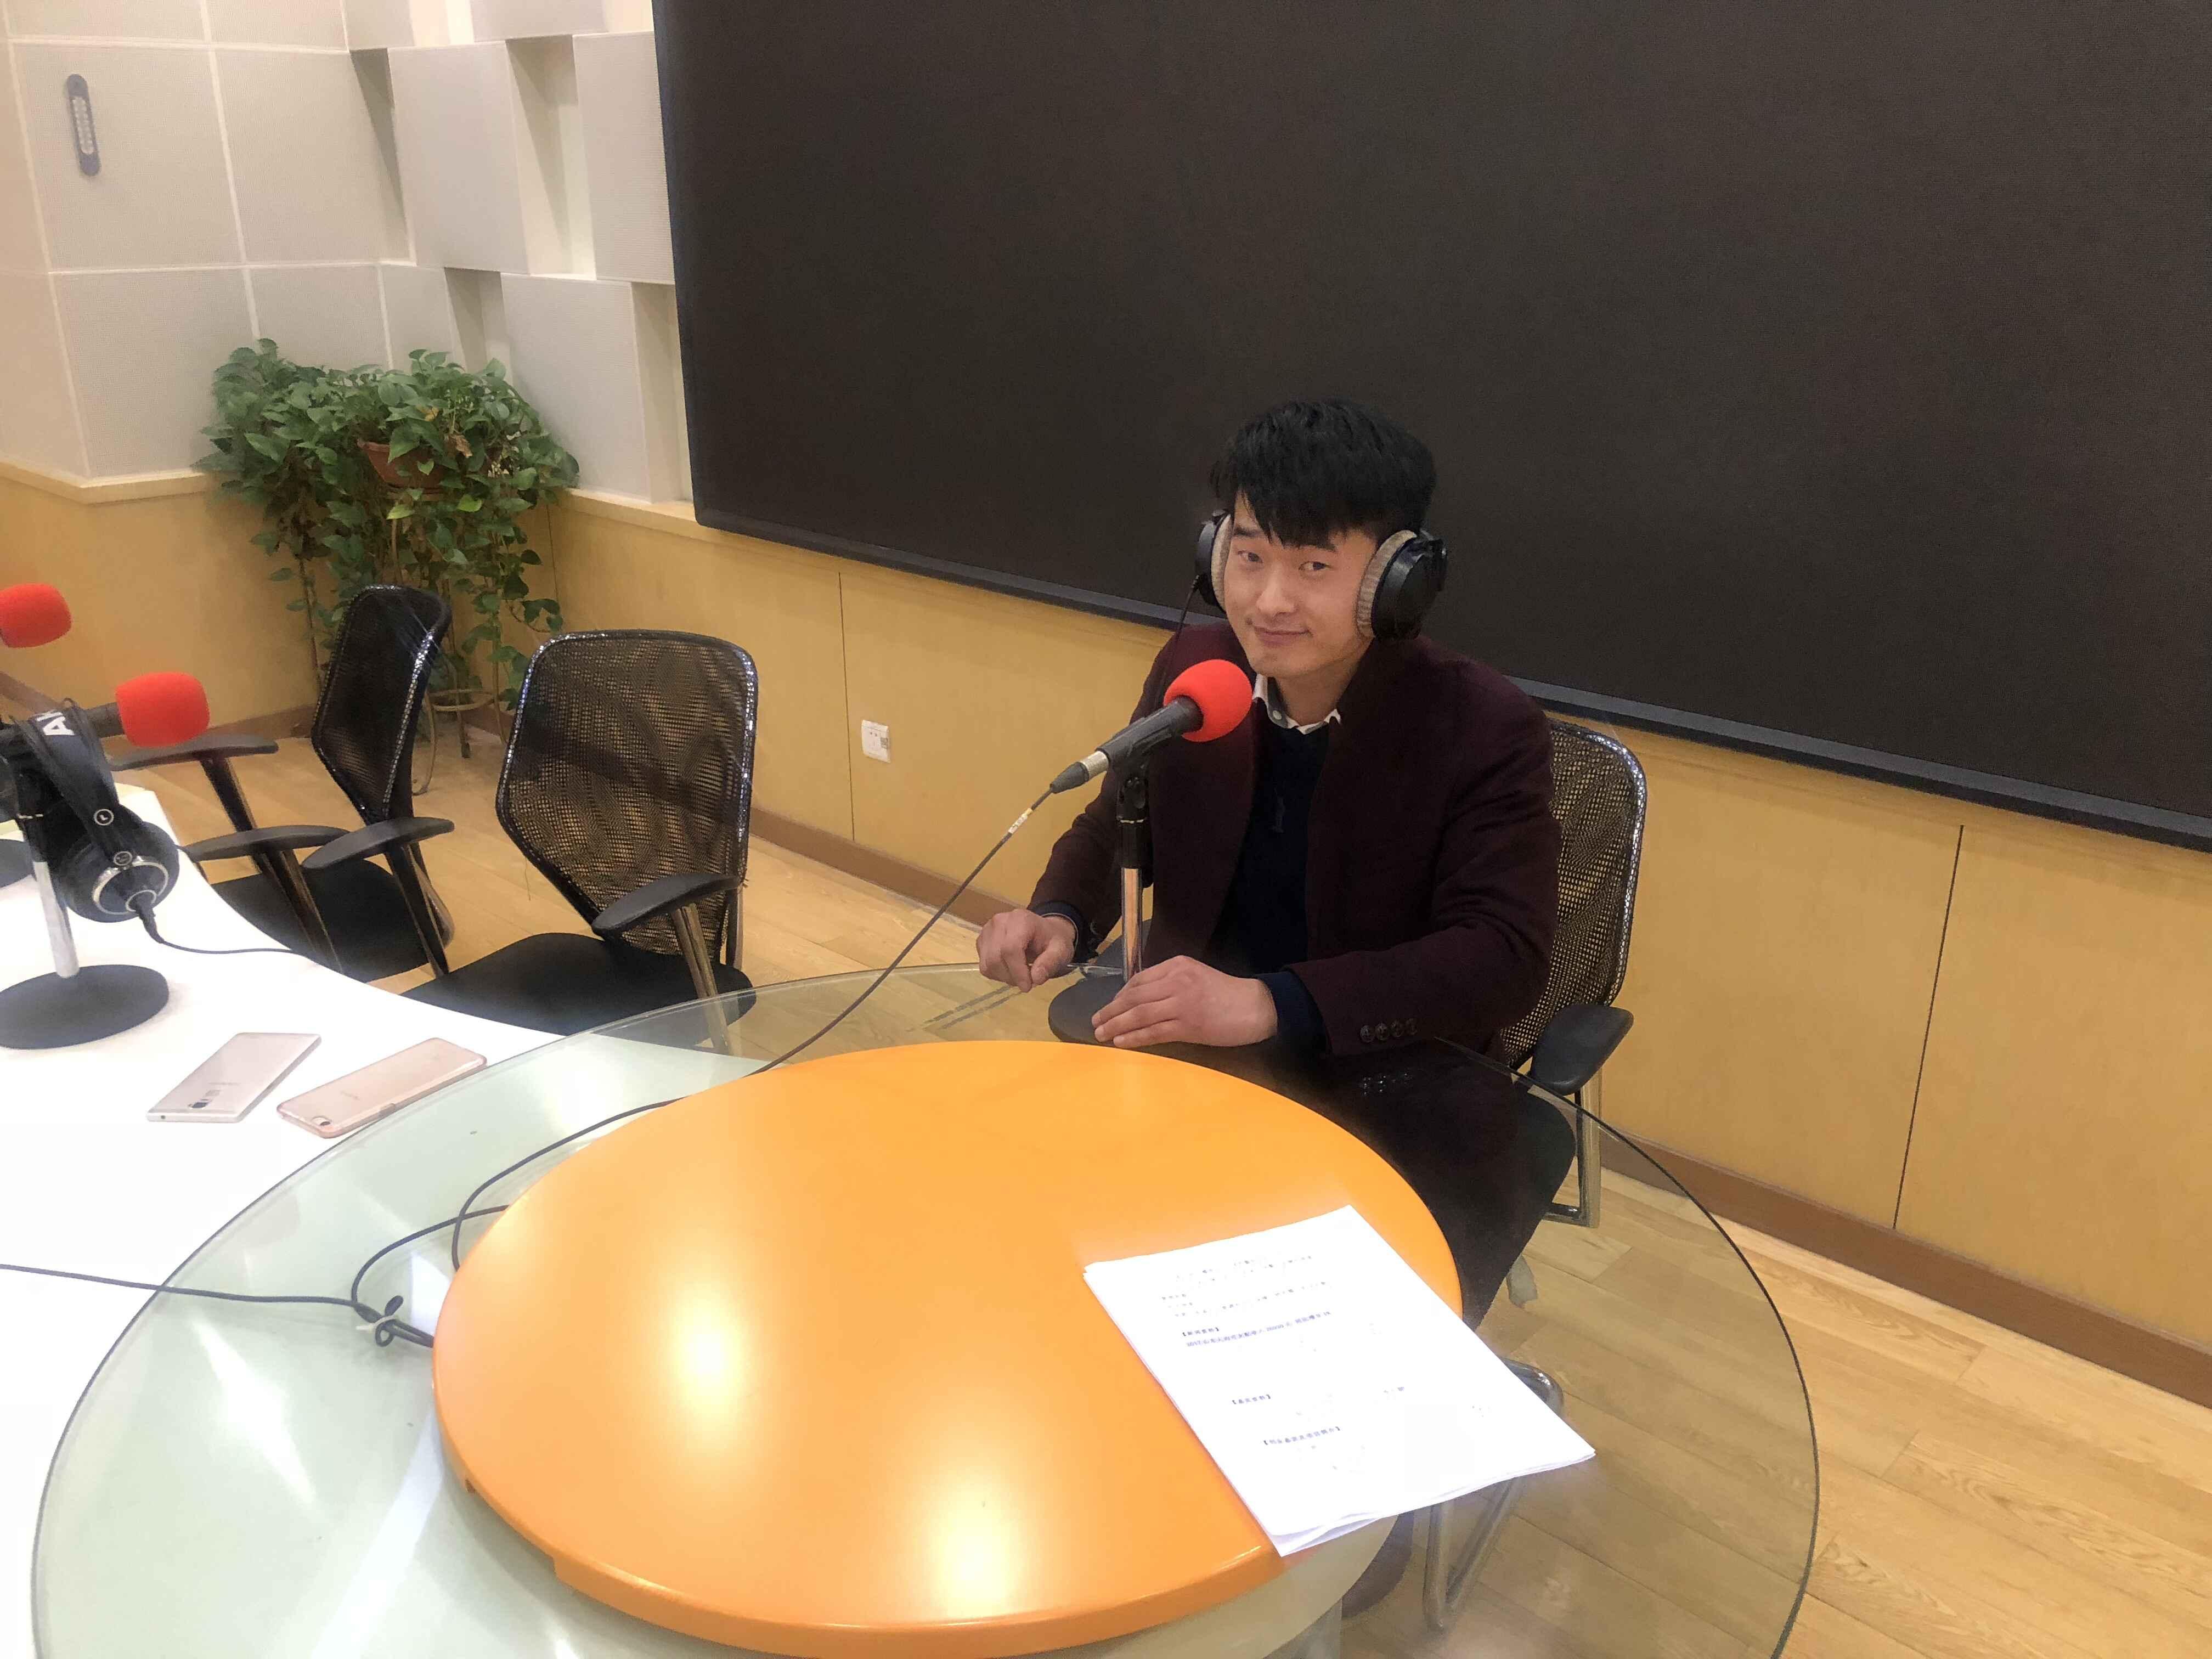 90后创业青年李长鹏:证明自己这条路他走了十年